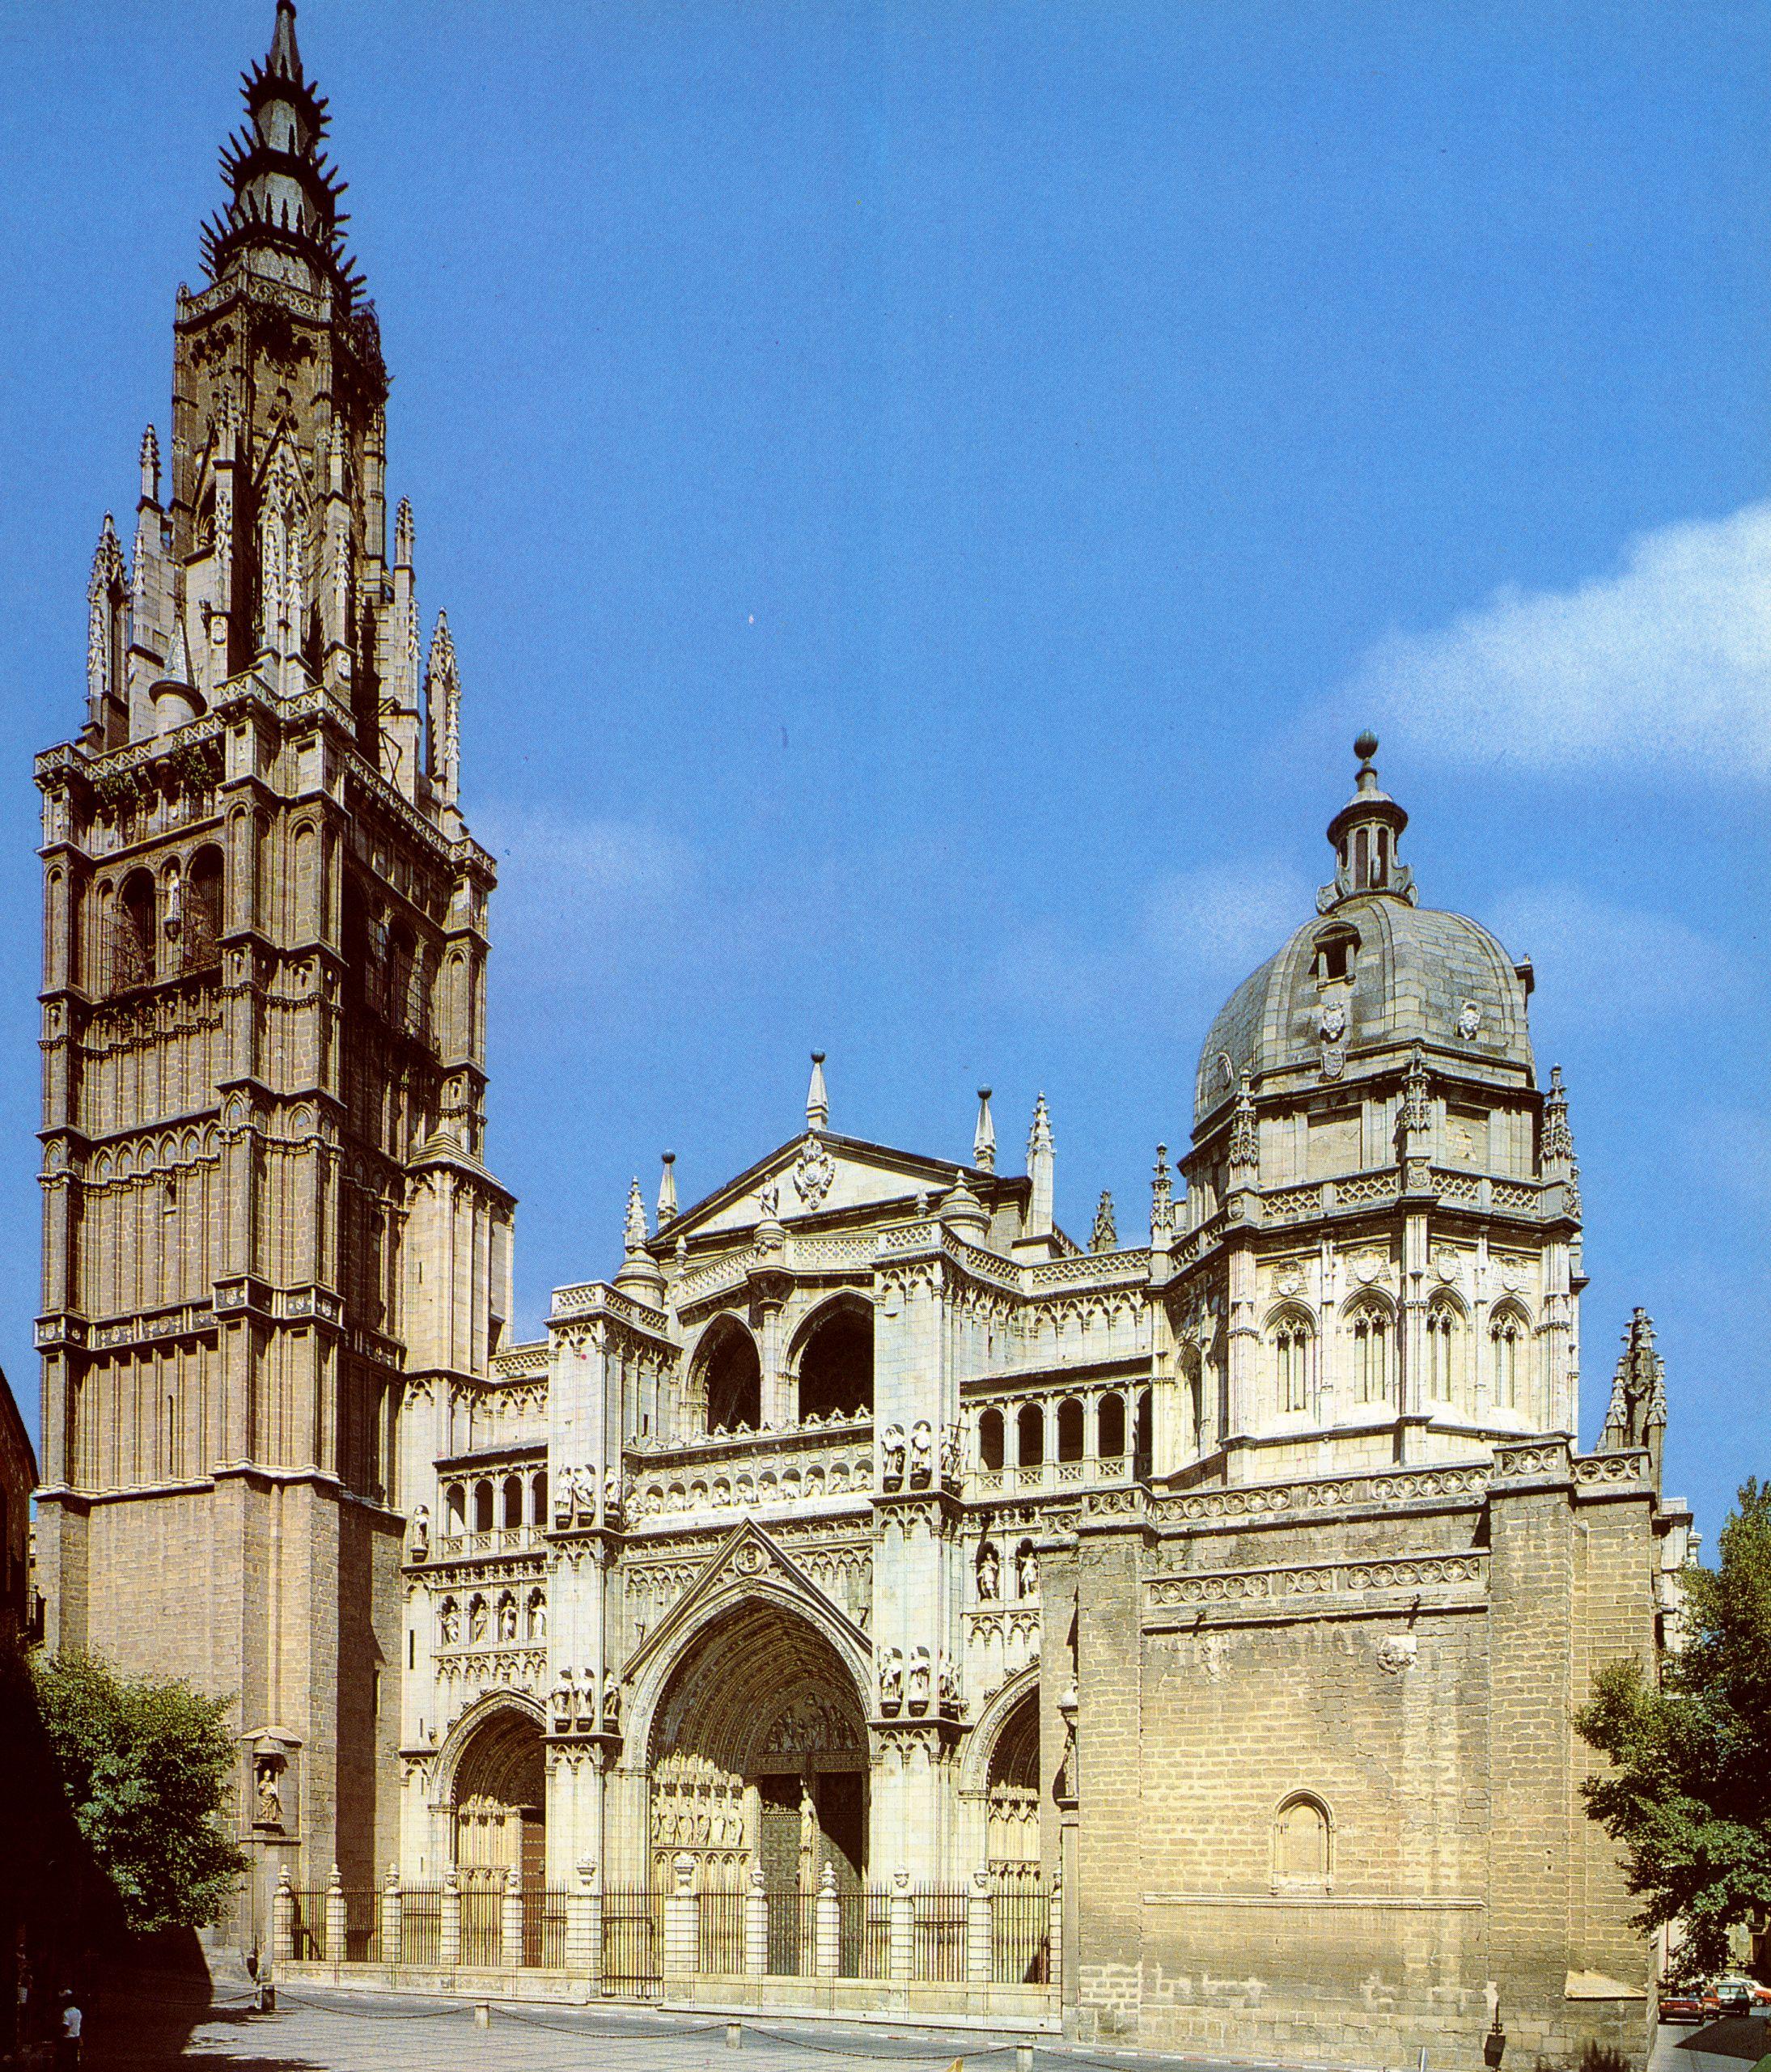 Španělsko - Toledo - katedrála, 1226-1493, gotická s platareskními prvky, dominuje městu